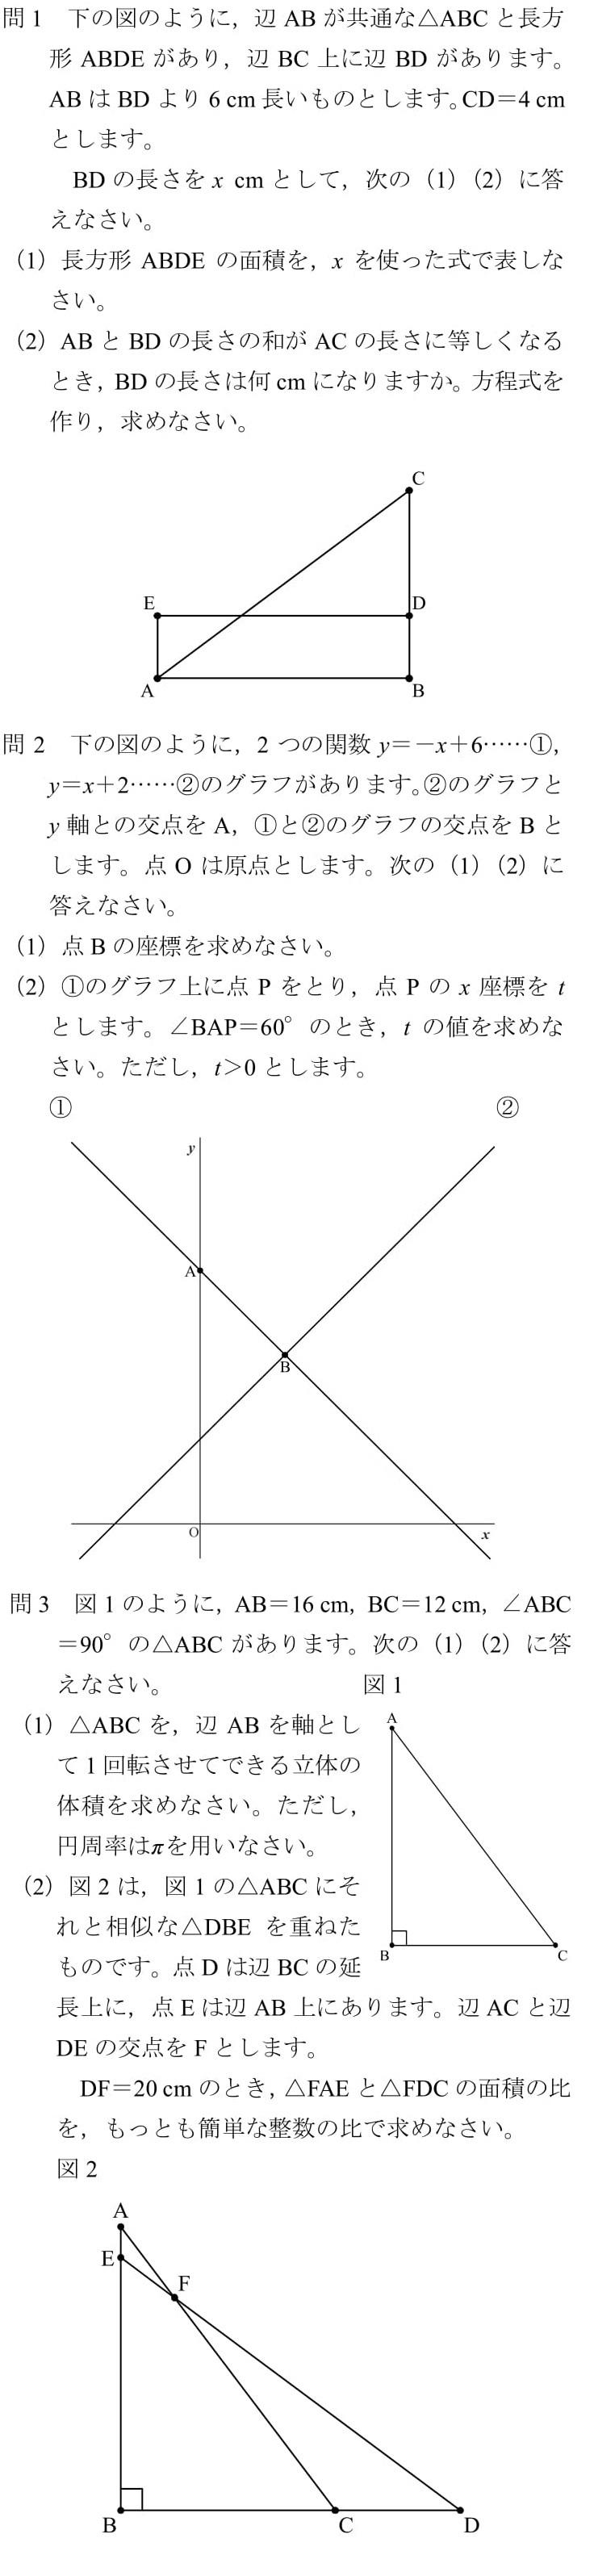 北海道 高校入試 数学 裁量問題 2013 解説